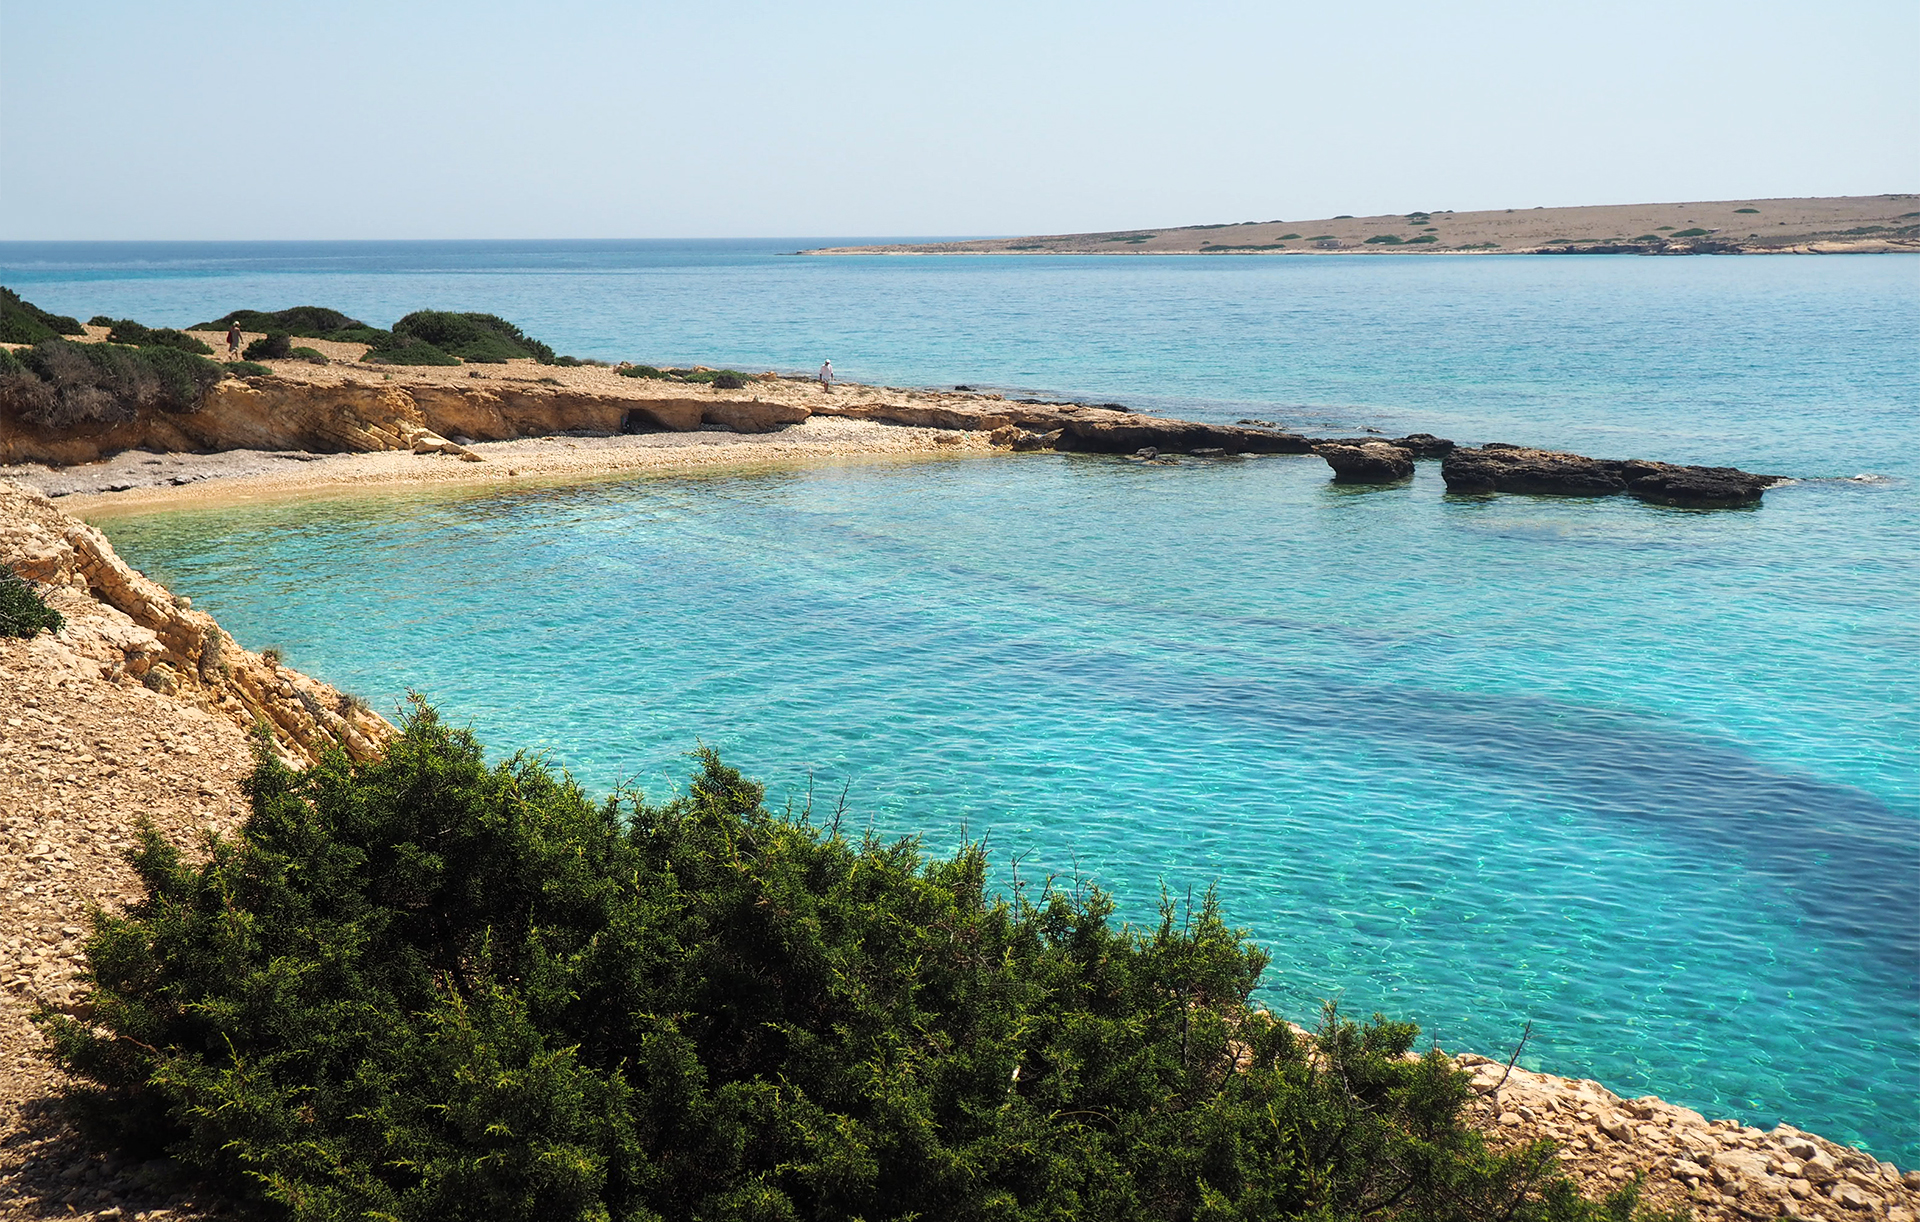 Found - Greek Island paradise - Kato Koufonisia with so many private beaches